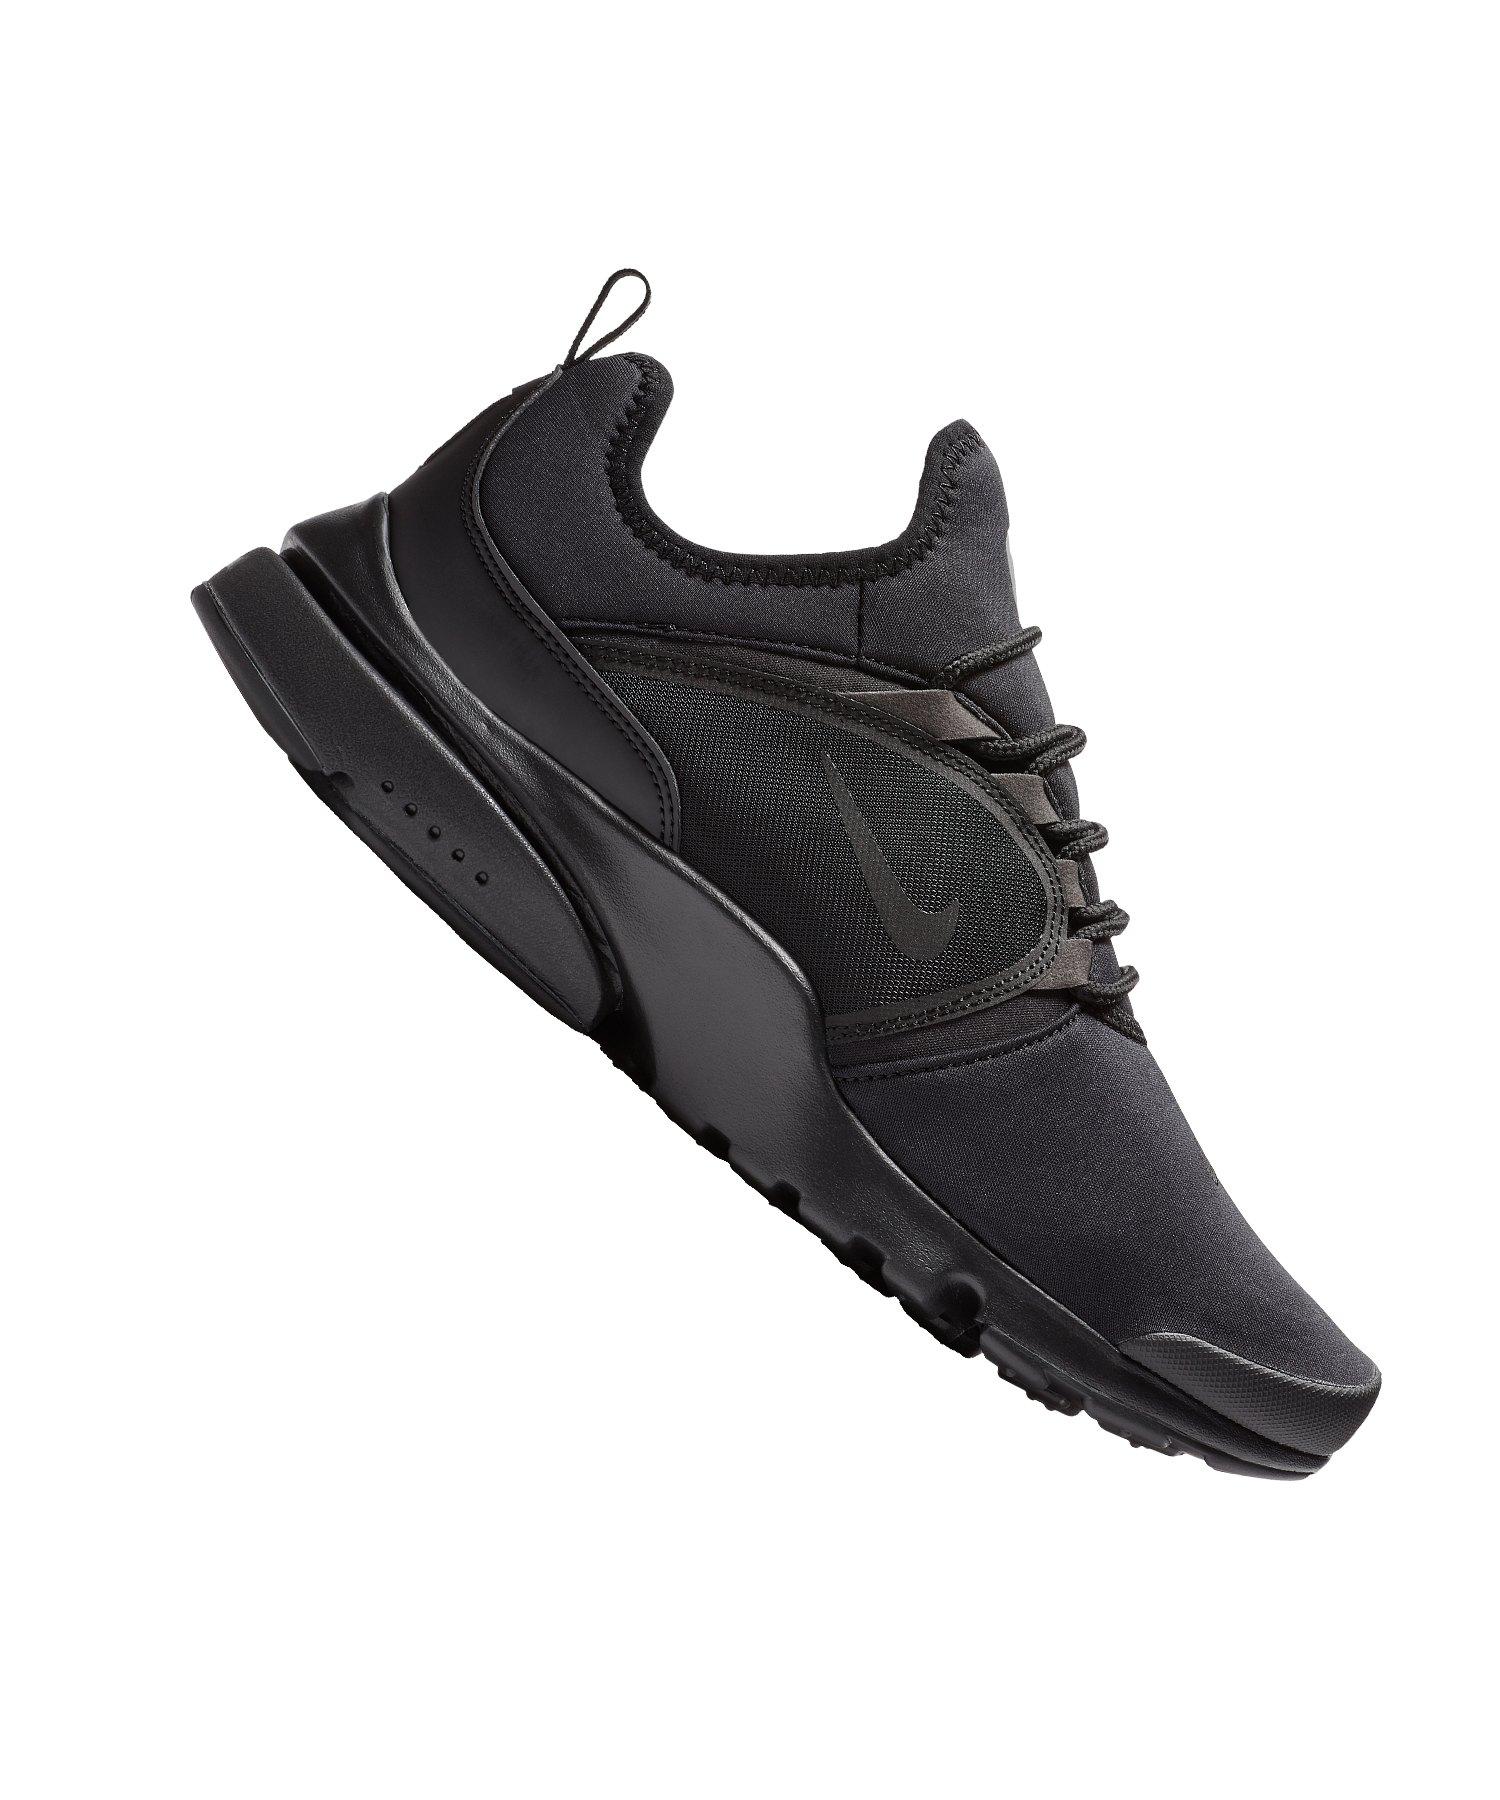 Fly Sneaker F003 Nike World Schwarz Presto vnmNwO80